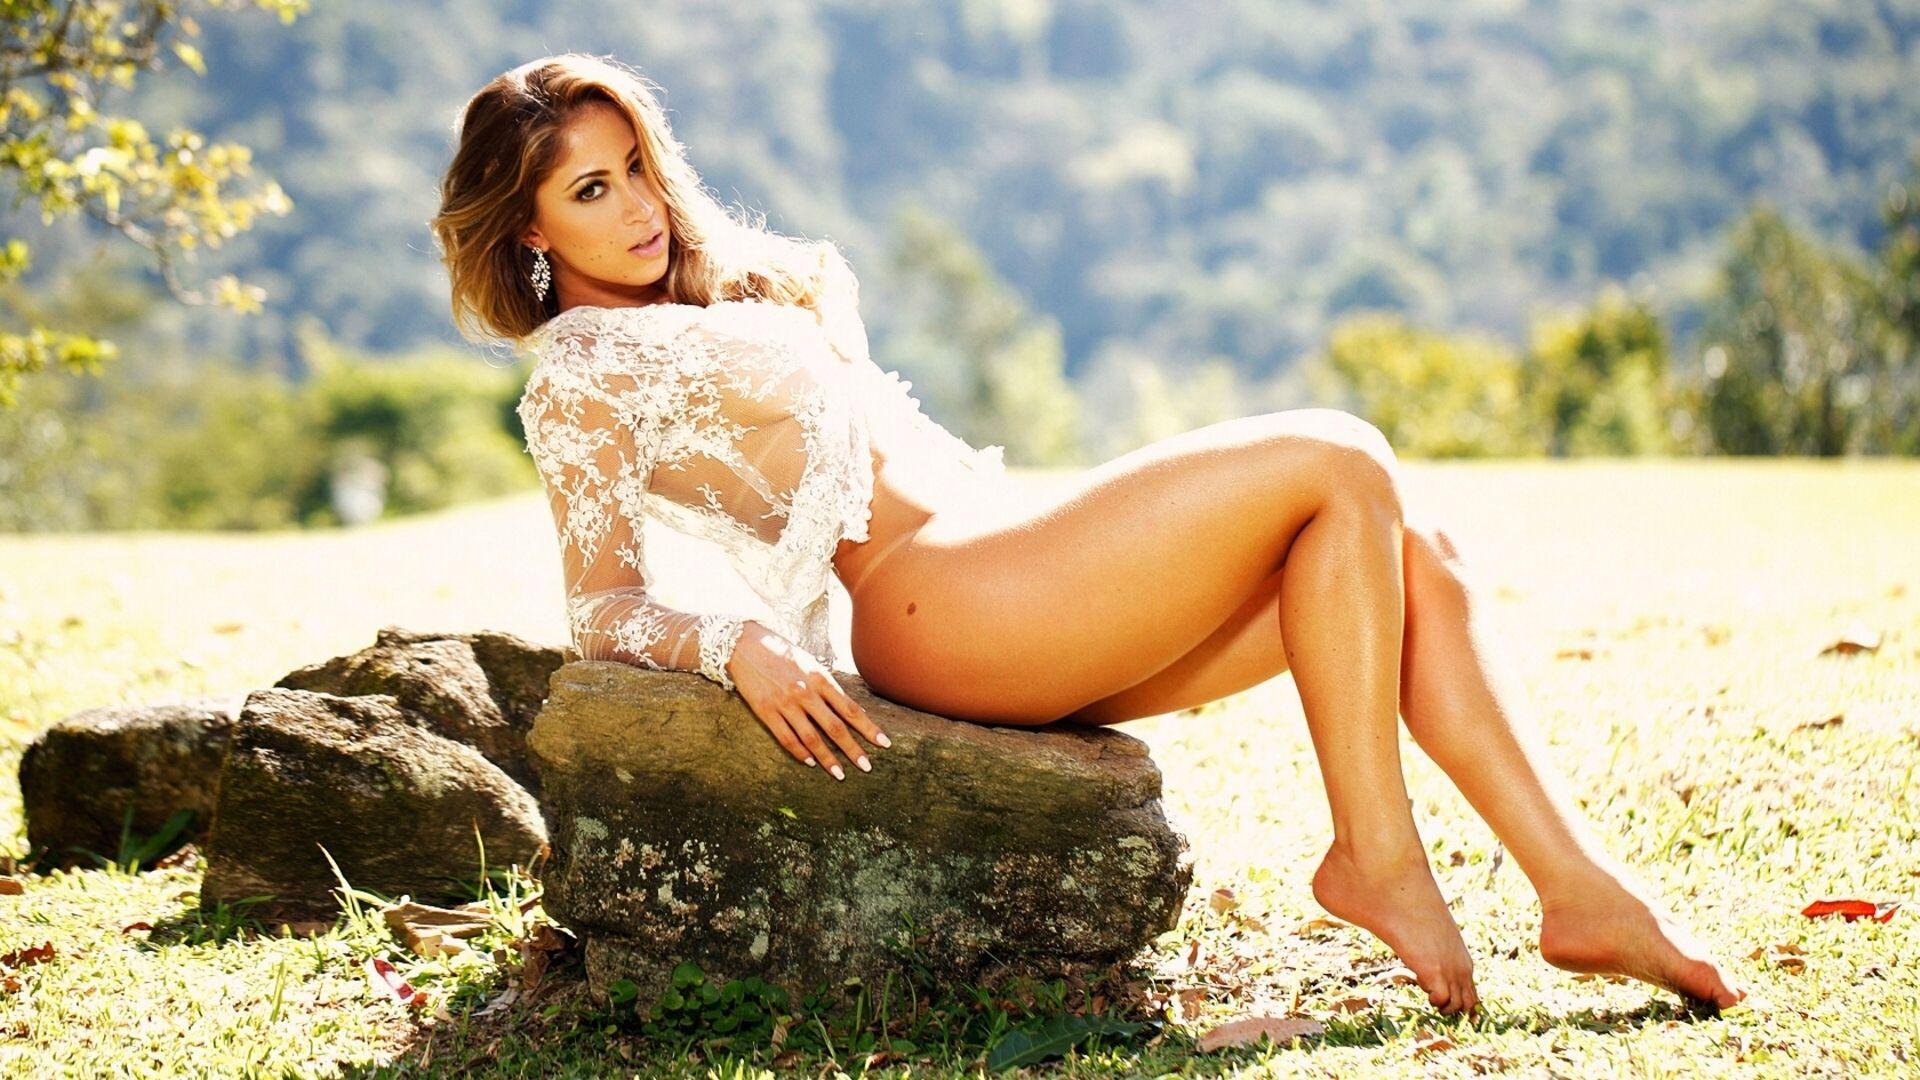 foto-porno-donne-nude-sexy-girls-gettin-fucke